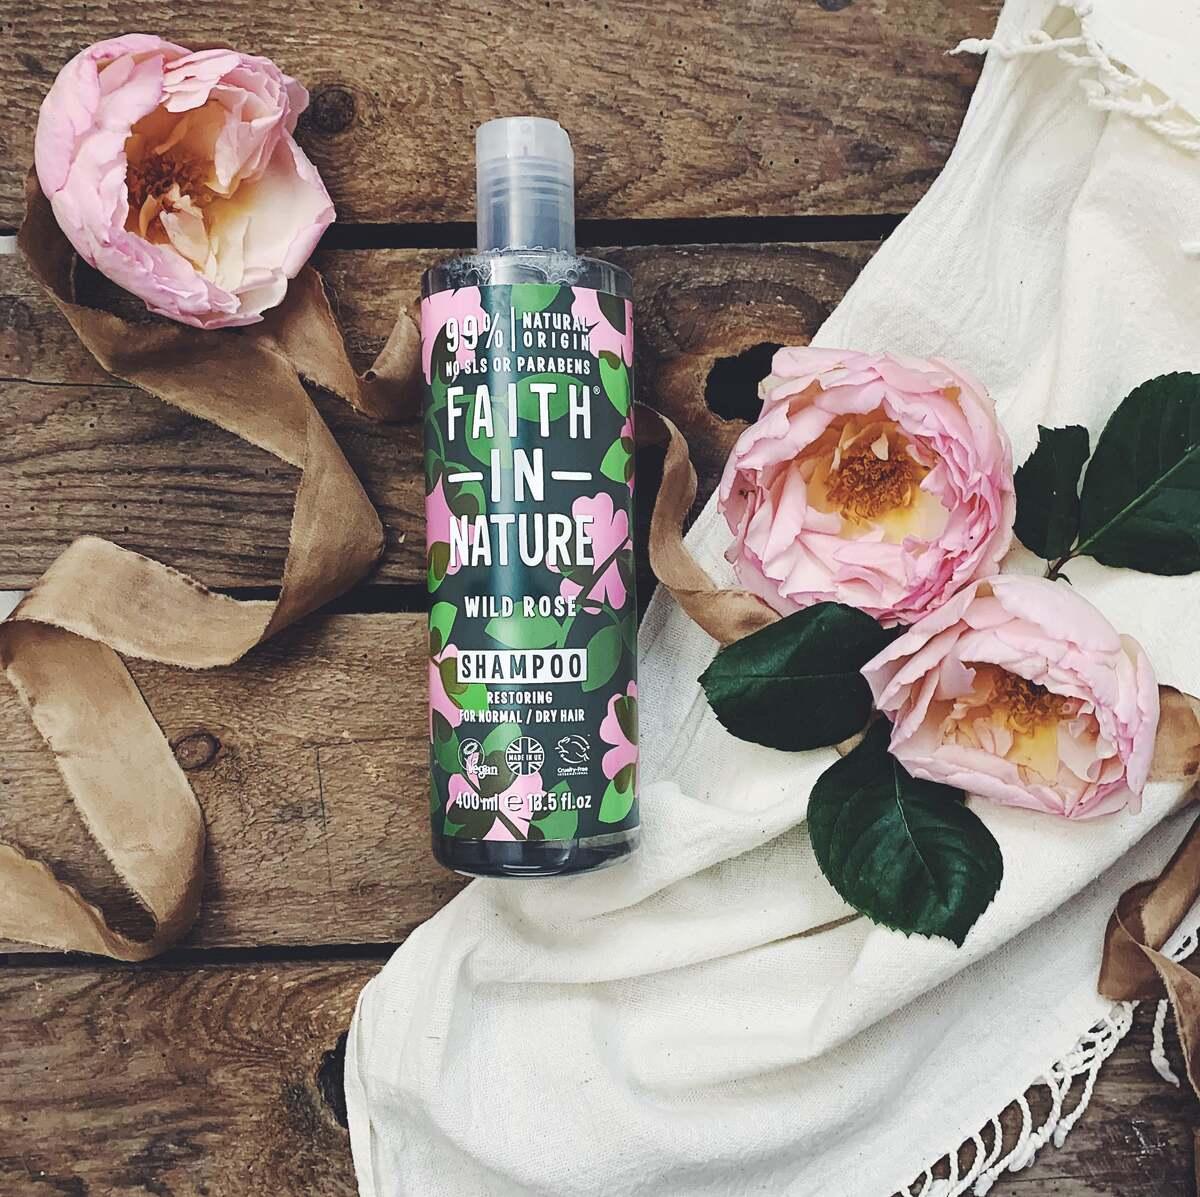 Bild 4 von Faith in Nature Shampoo Wild Rose